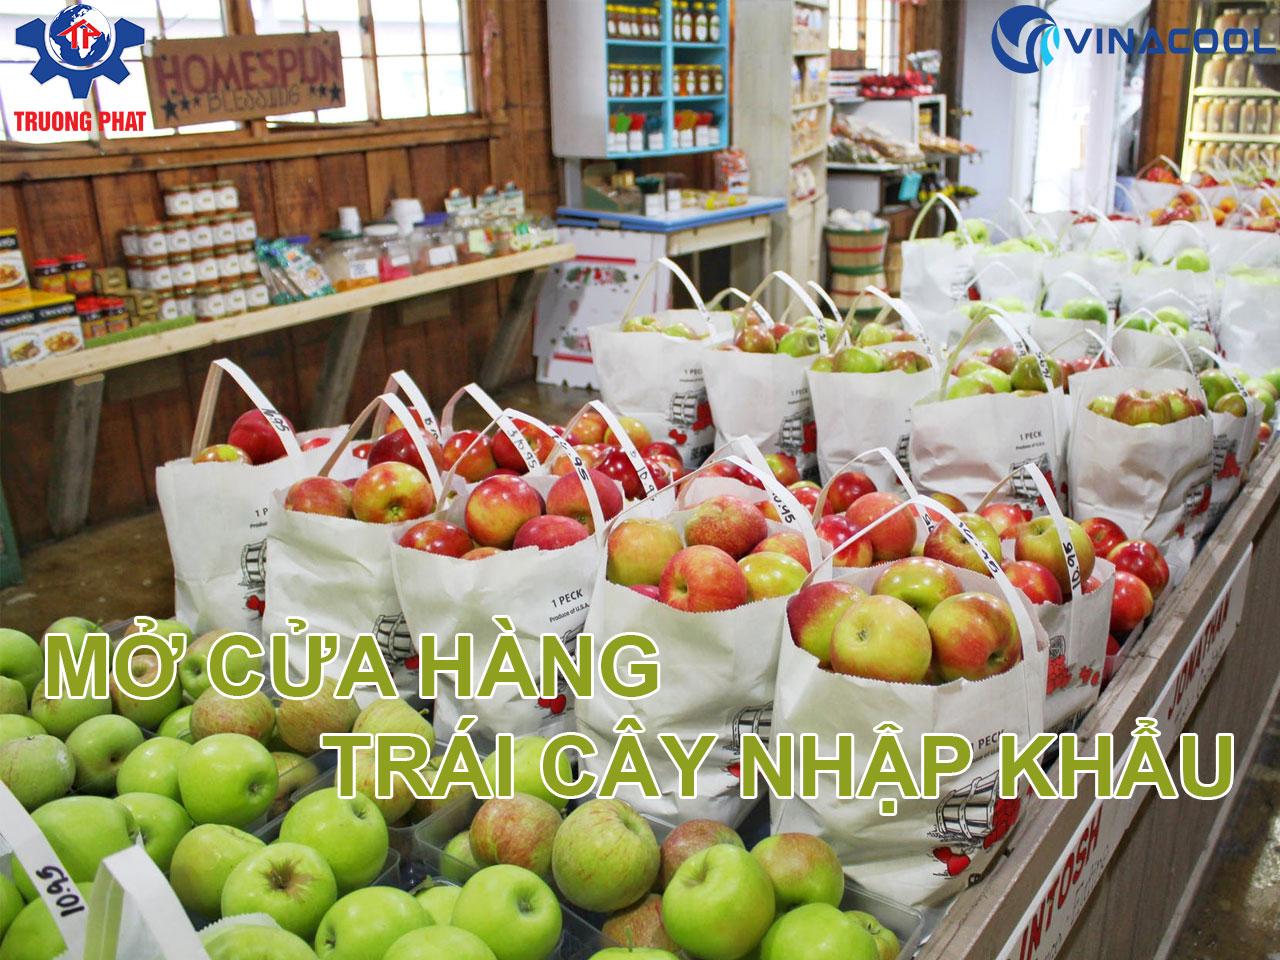 Kinh nghiệm mở cửa hàng trái cây nhập khẩu từ con số 0